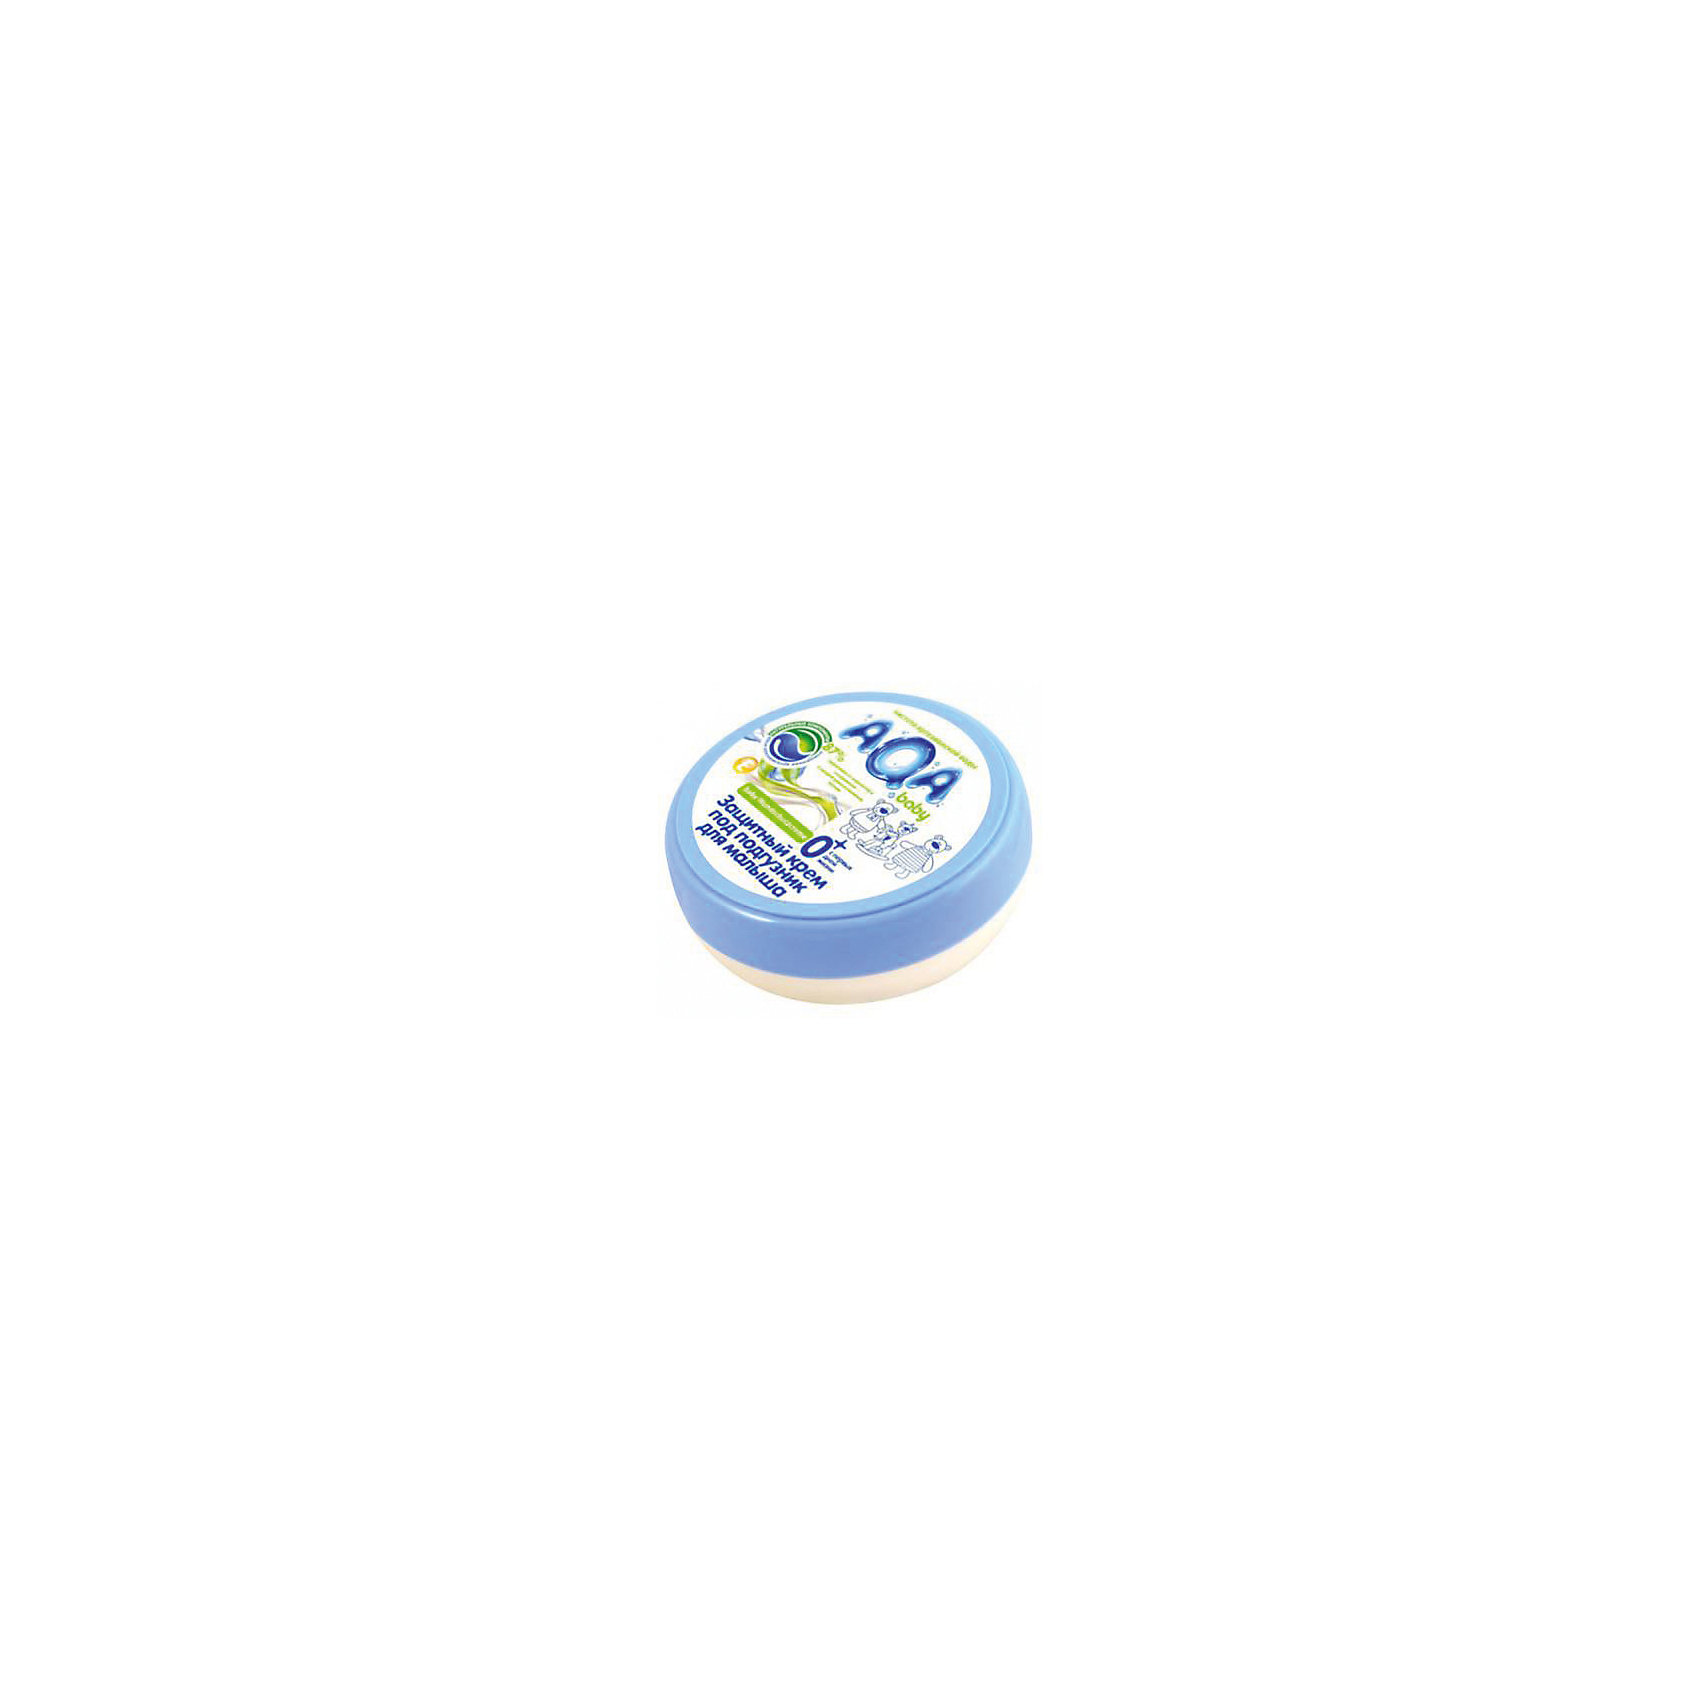 AQA baby Защитный крем под подгузник для малыша 100 мл., AQA BABY косметика для новорожденных aqa baby защитный крем от мороза и непогоды 50 мл